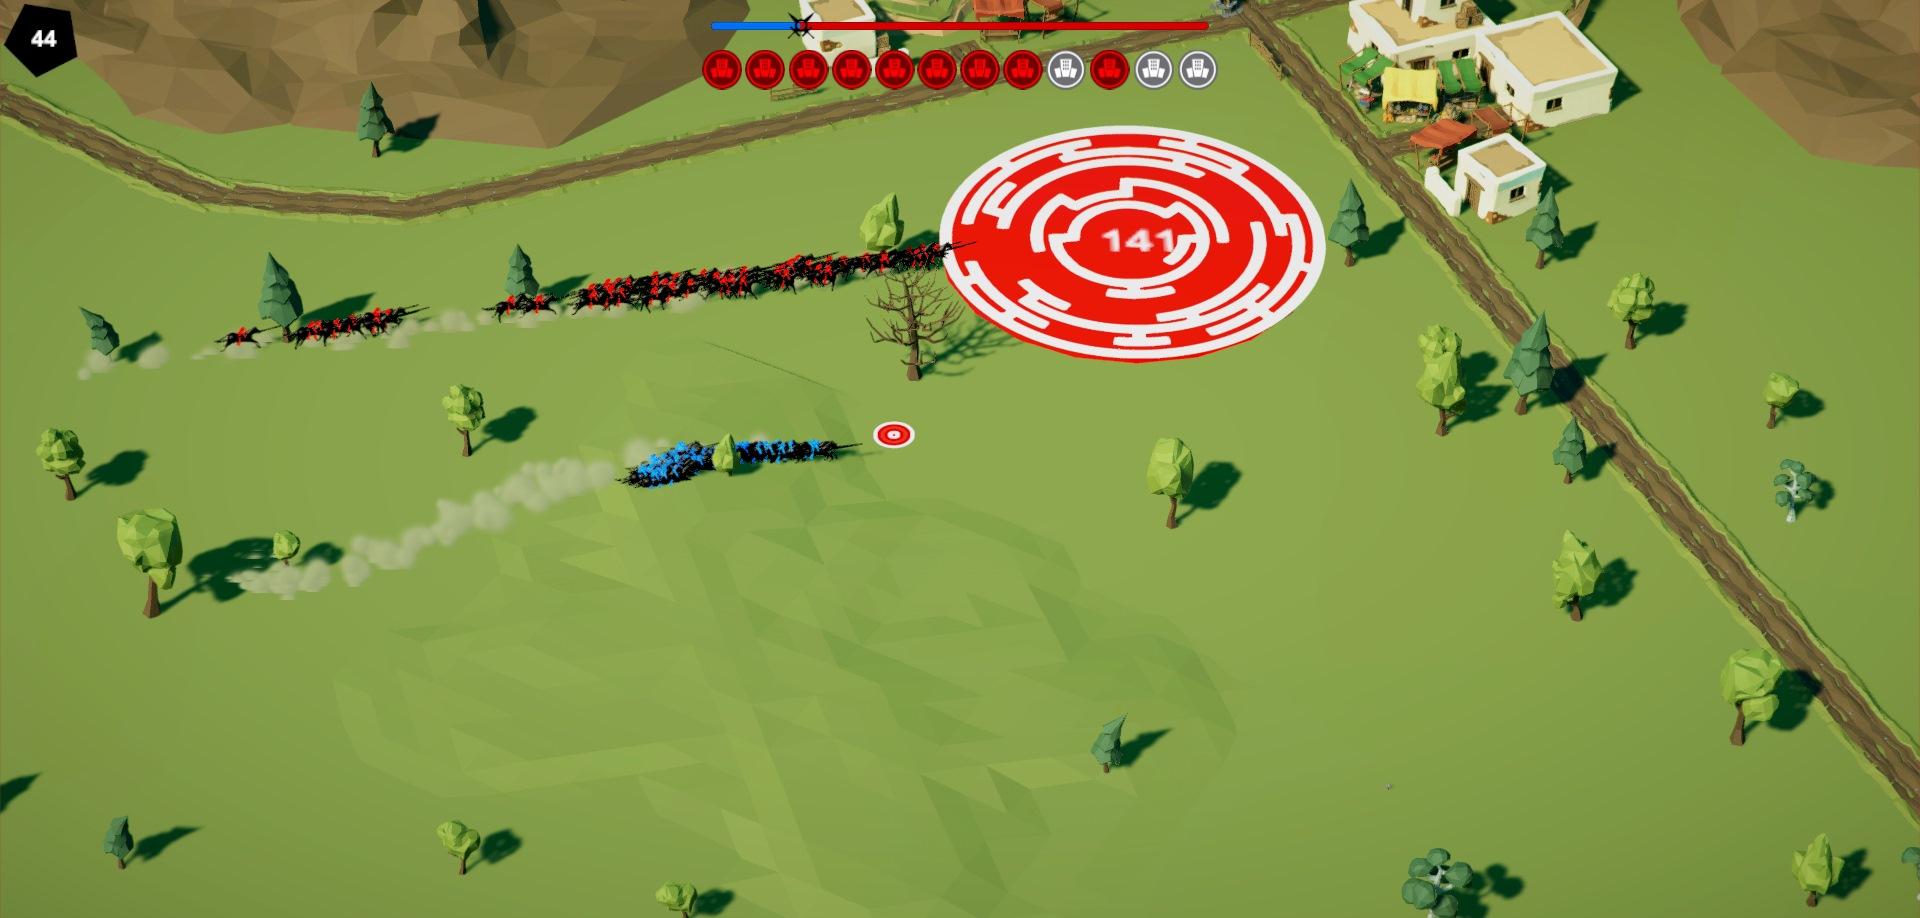 attack-of-orda-5.jpg